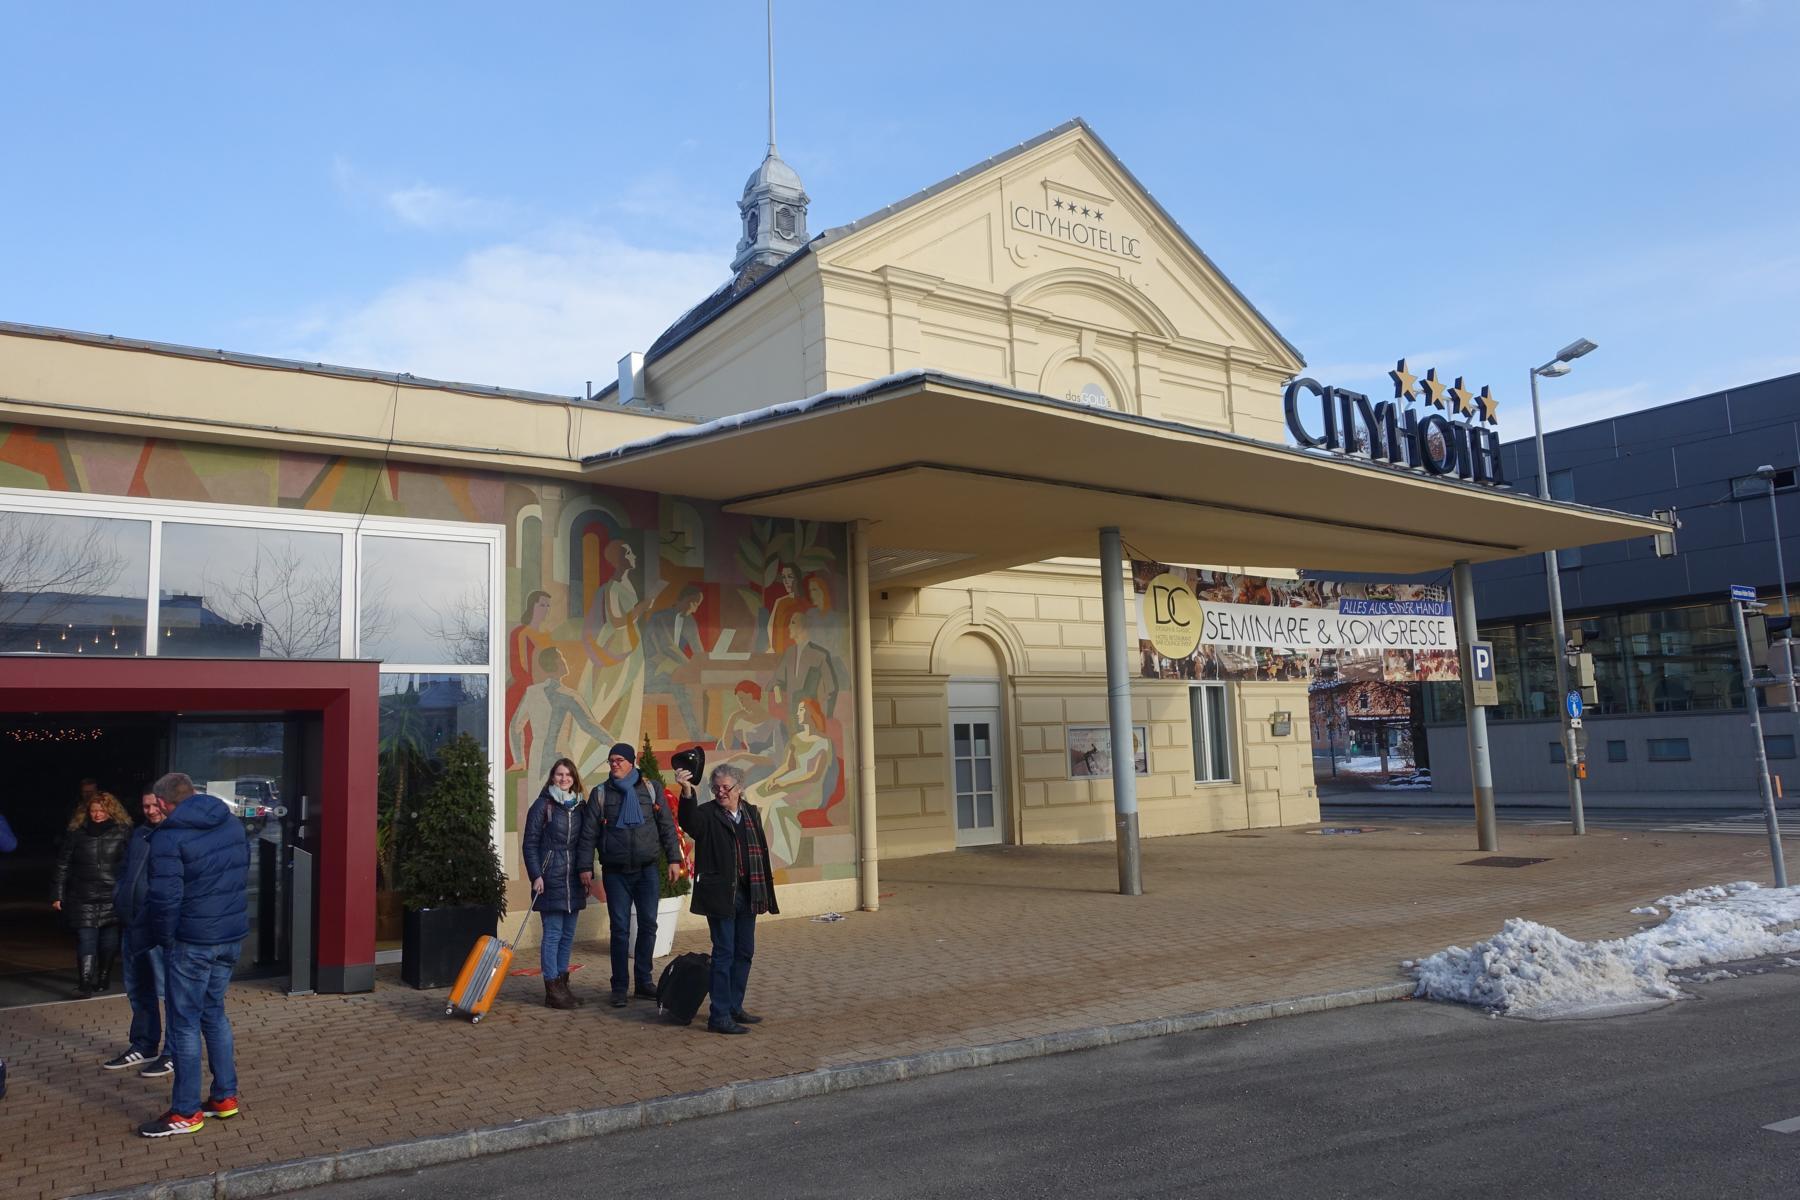 Das City Hotel D&C in St. Pölten, wo das Meeting stattfand.